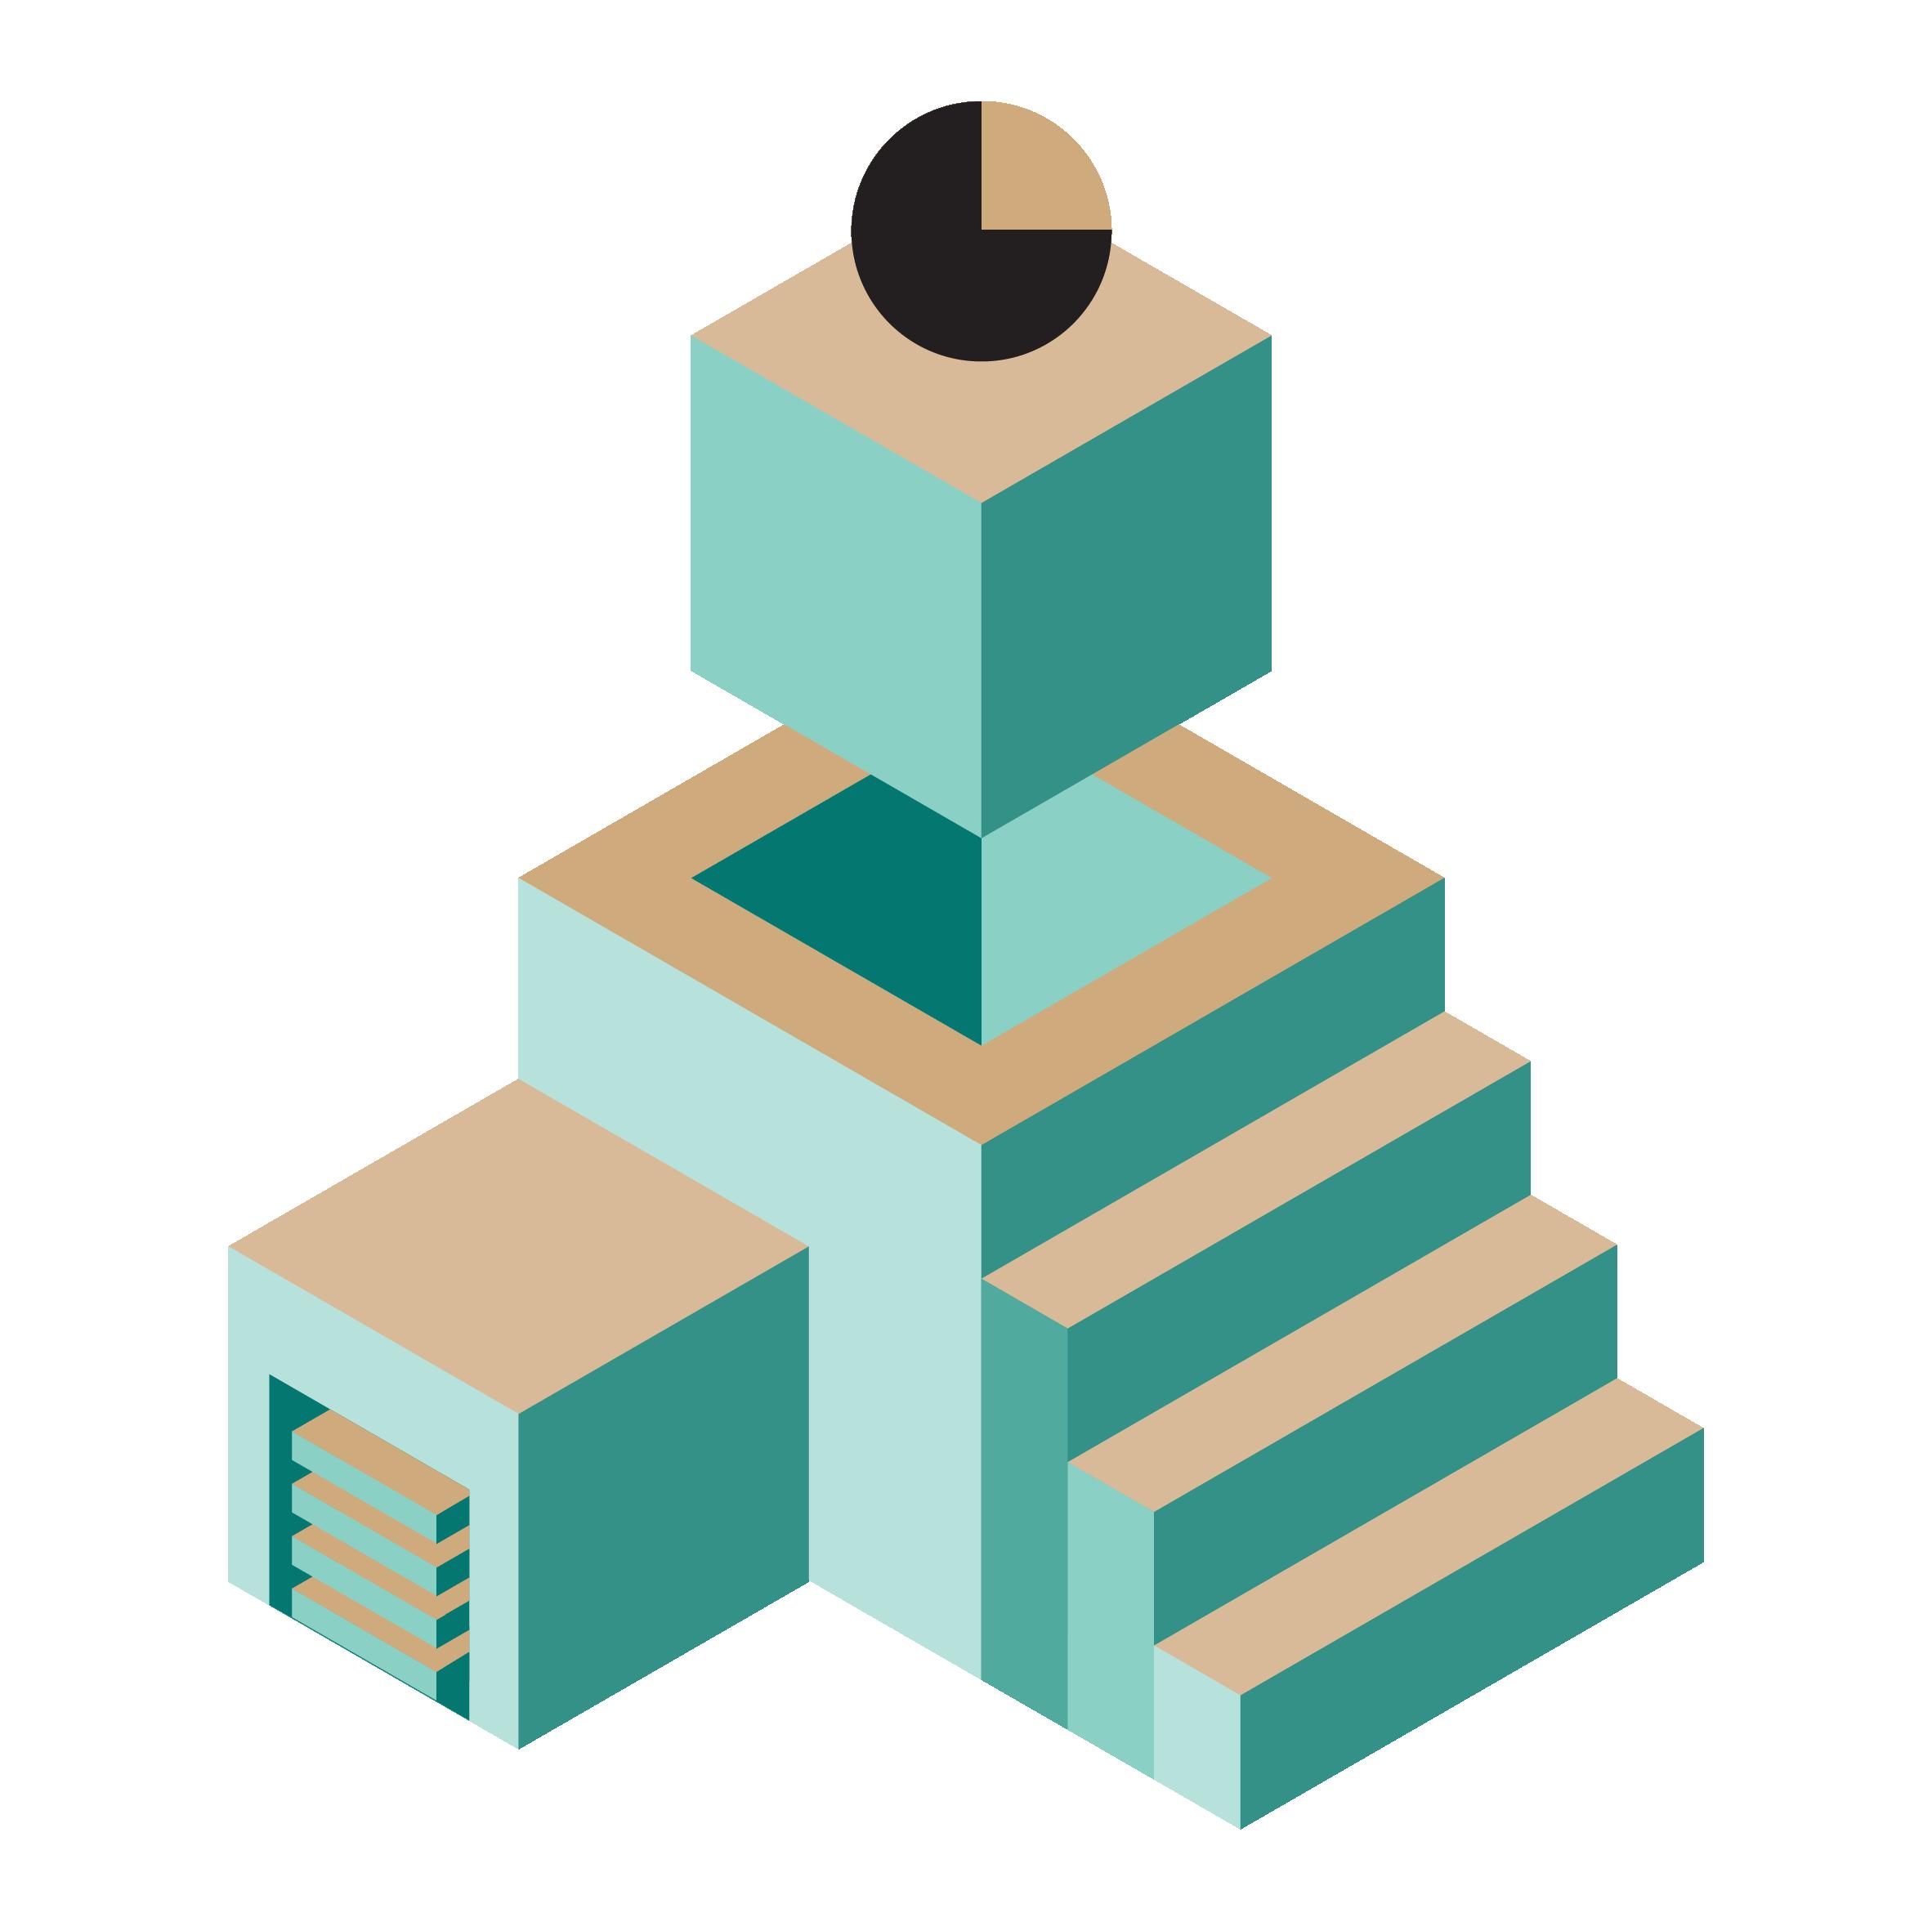 Developer tool icon